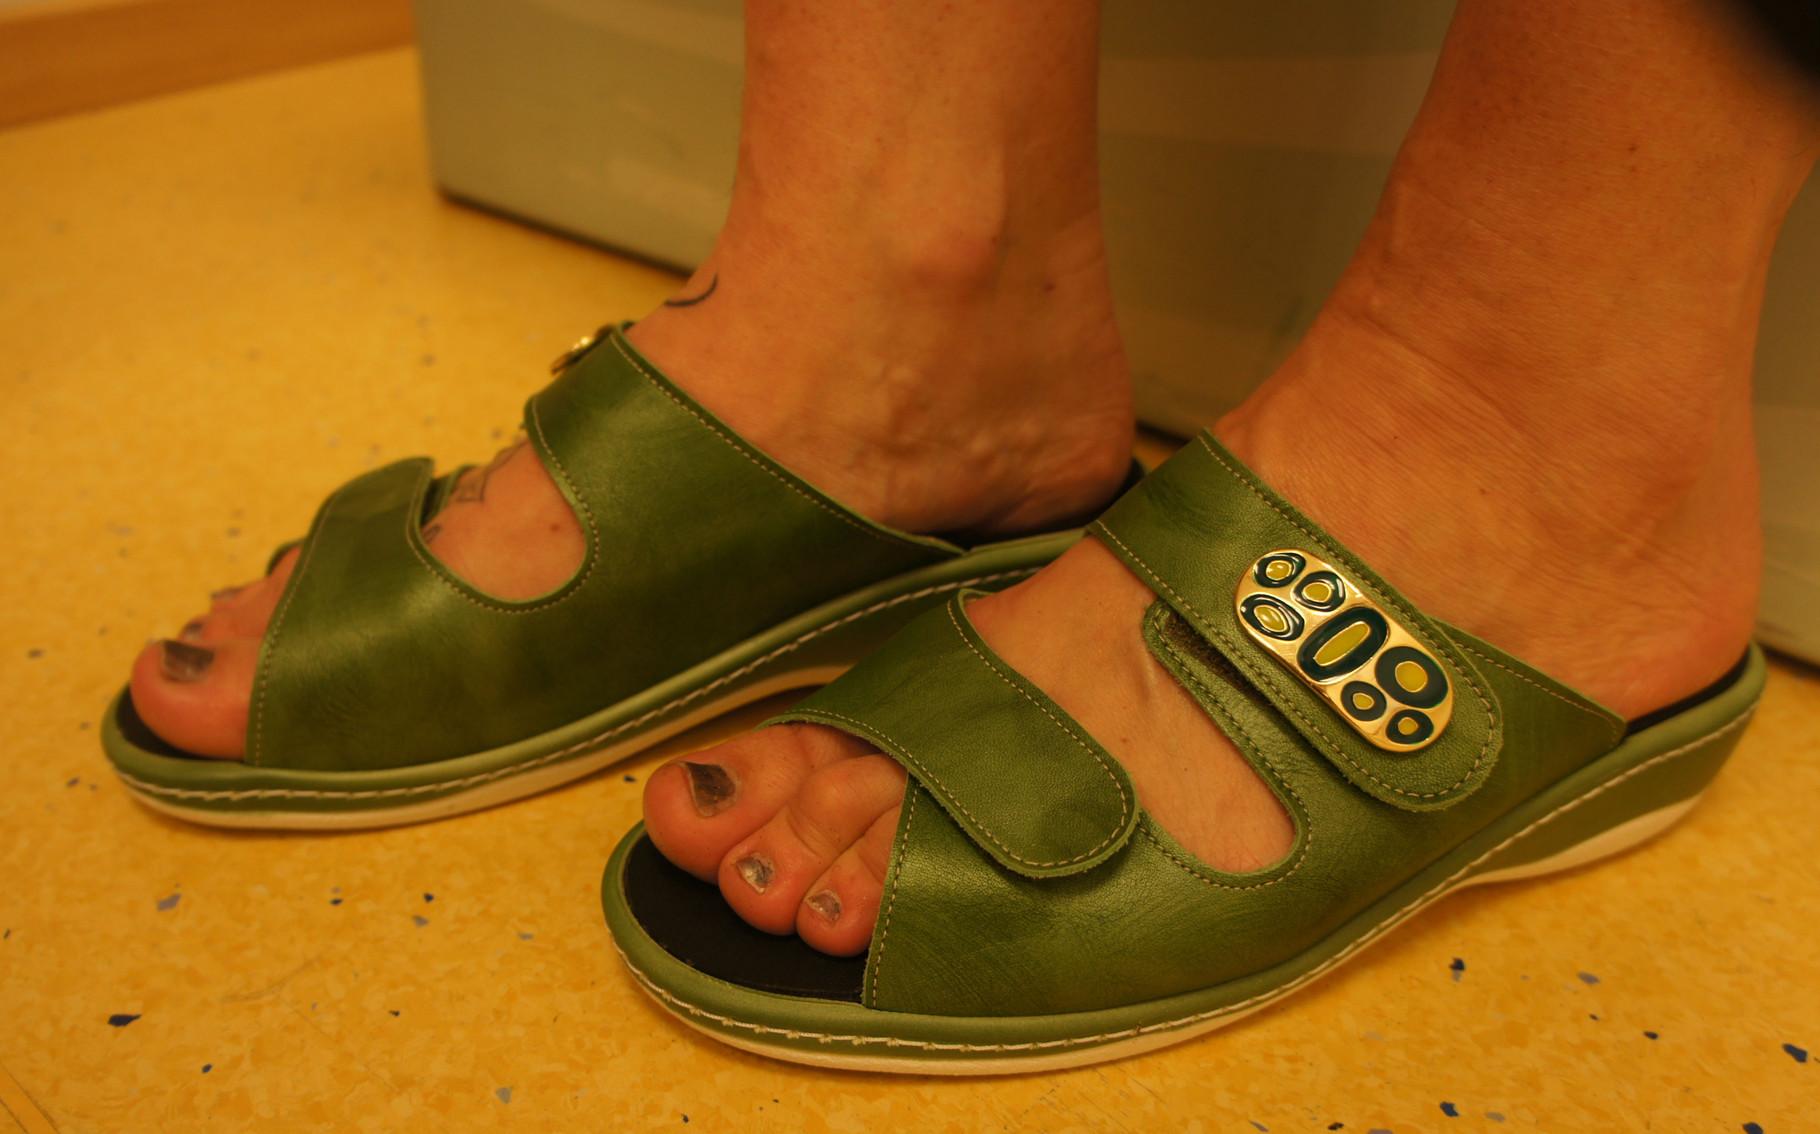 Fuß mit orthopädischer Maßeinlage